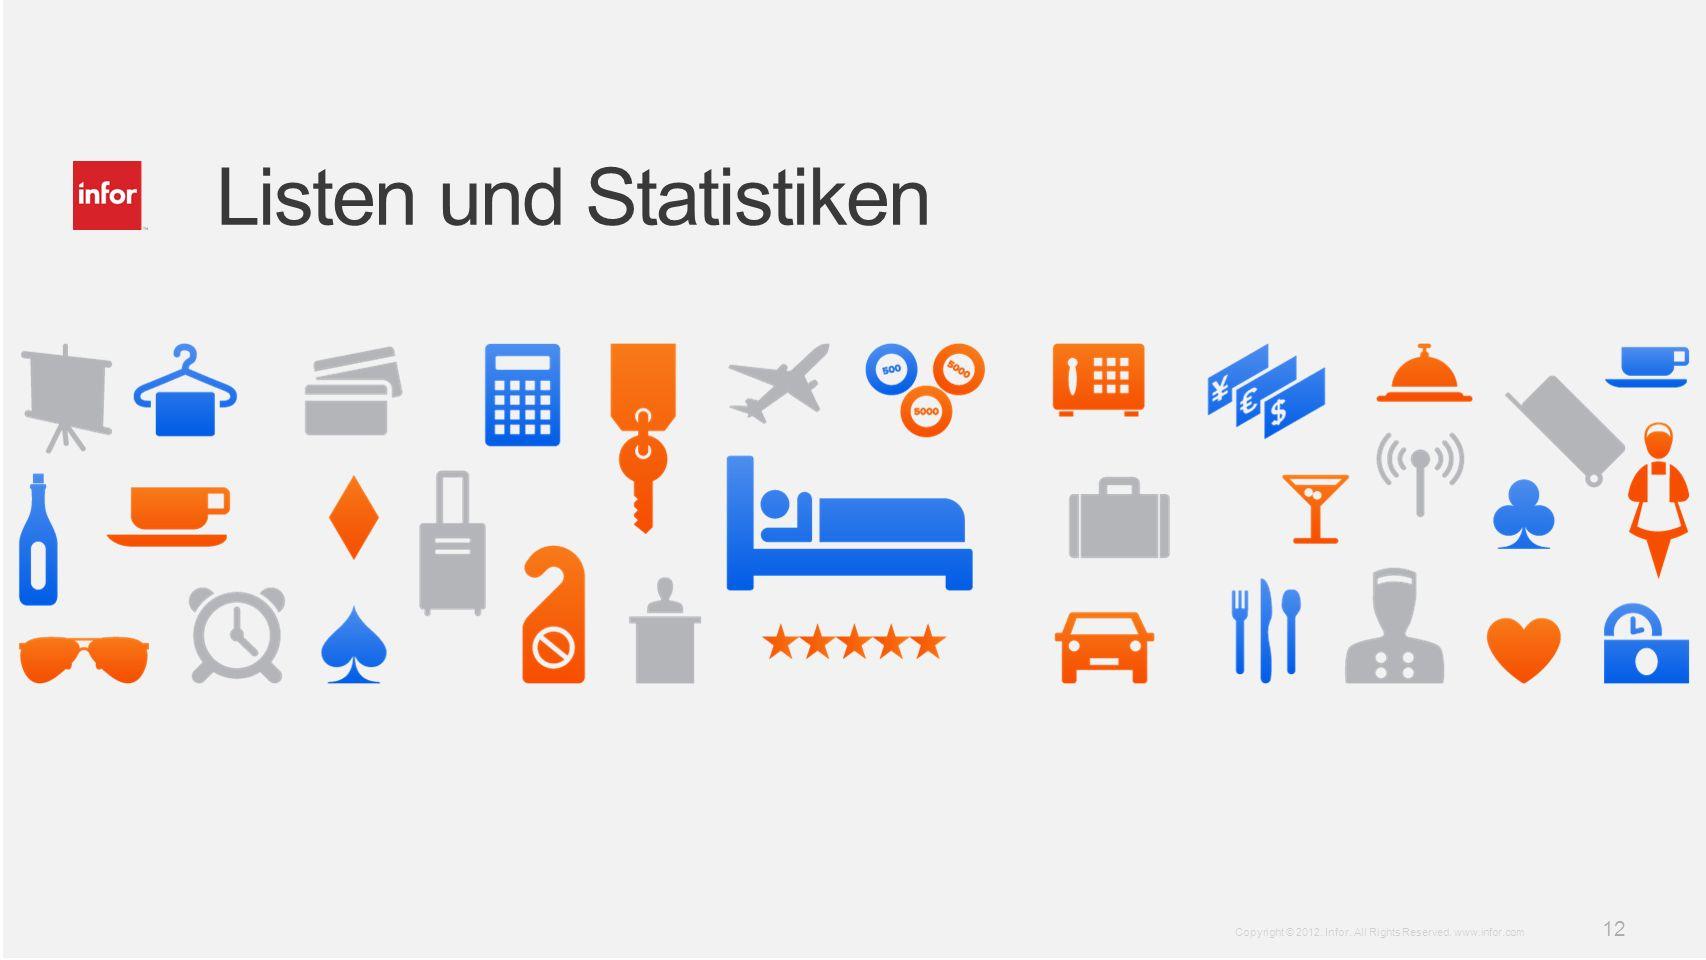 Listen und Statistiken